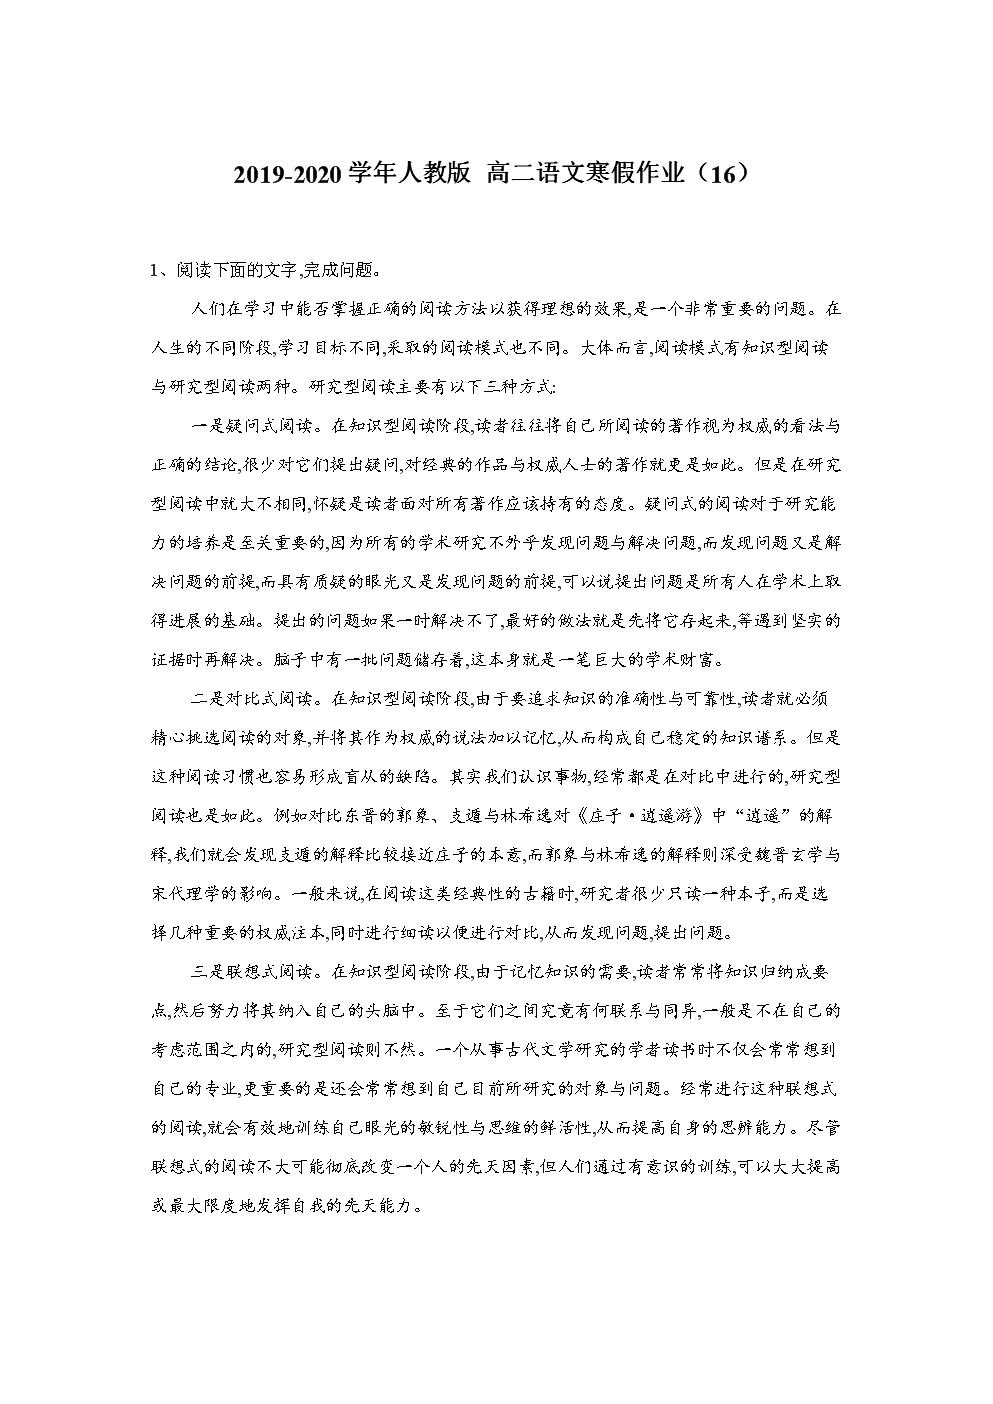 2019-2020学年人教版 高二语文寒假作业(16) Word版含答案.doc